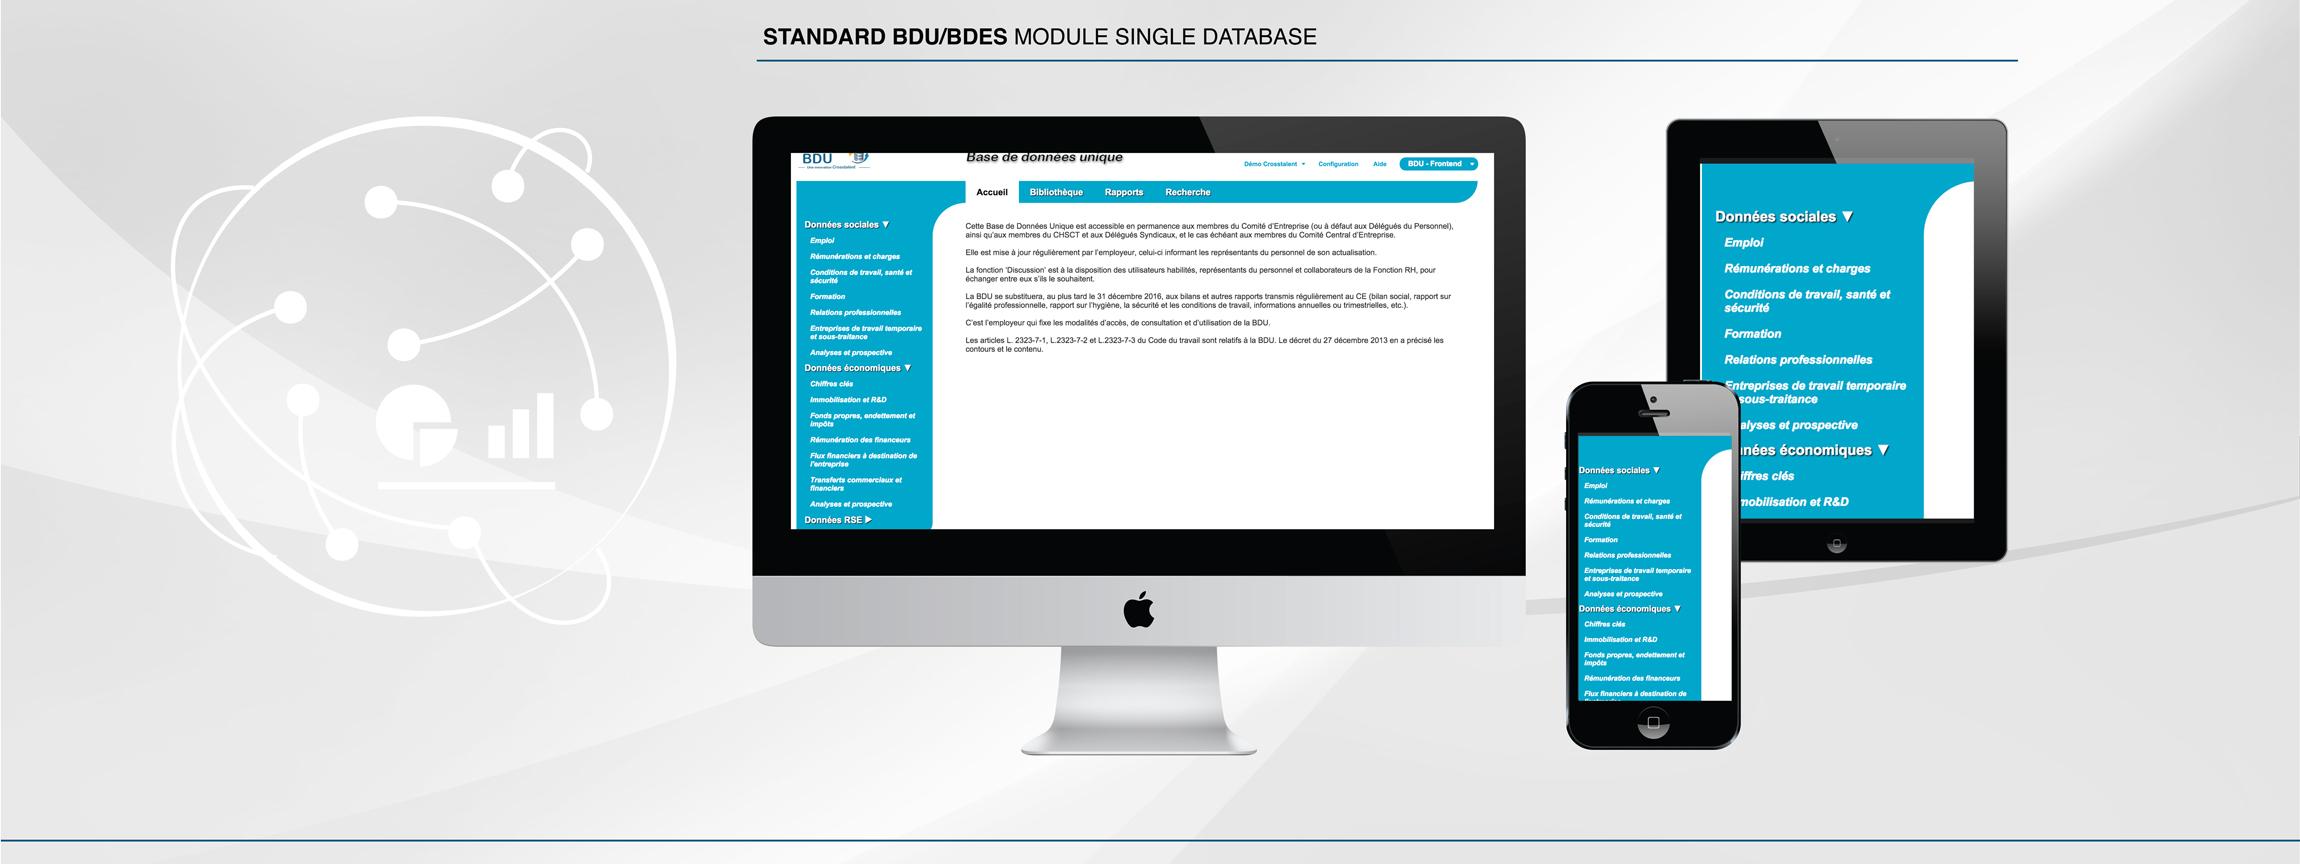 CSR Dashboard Screenshot